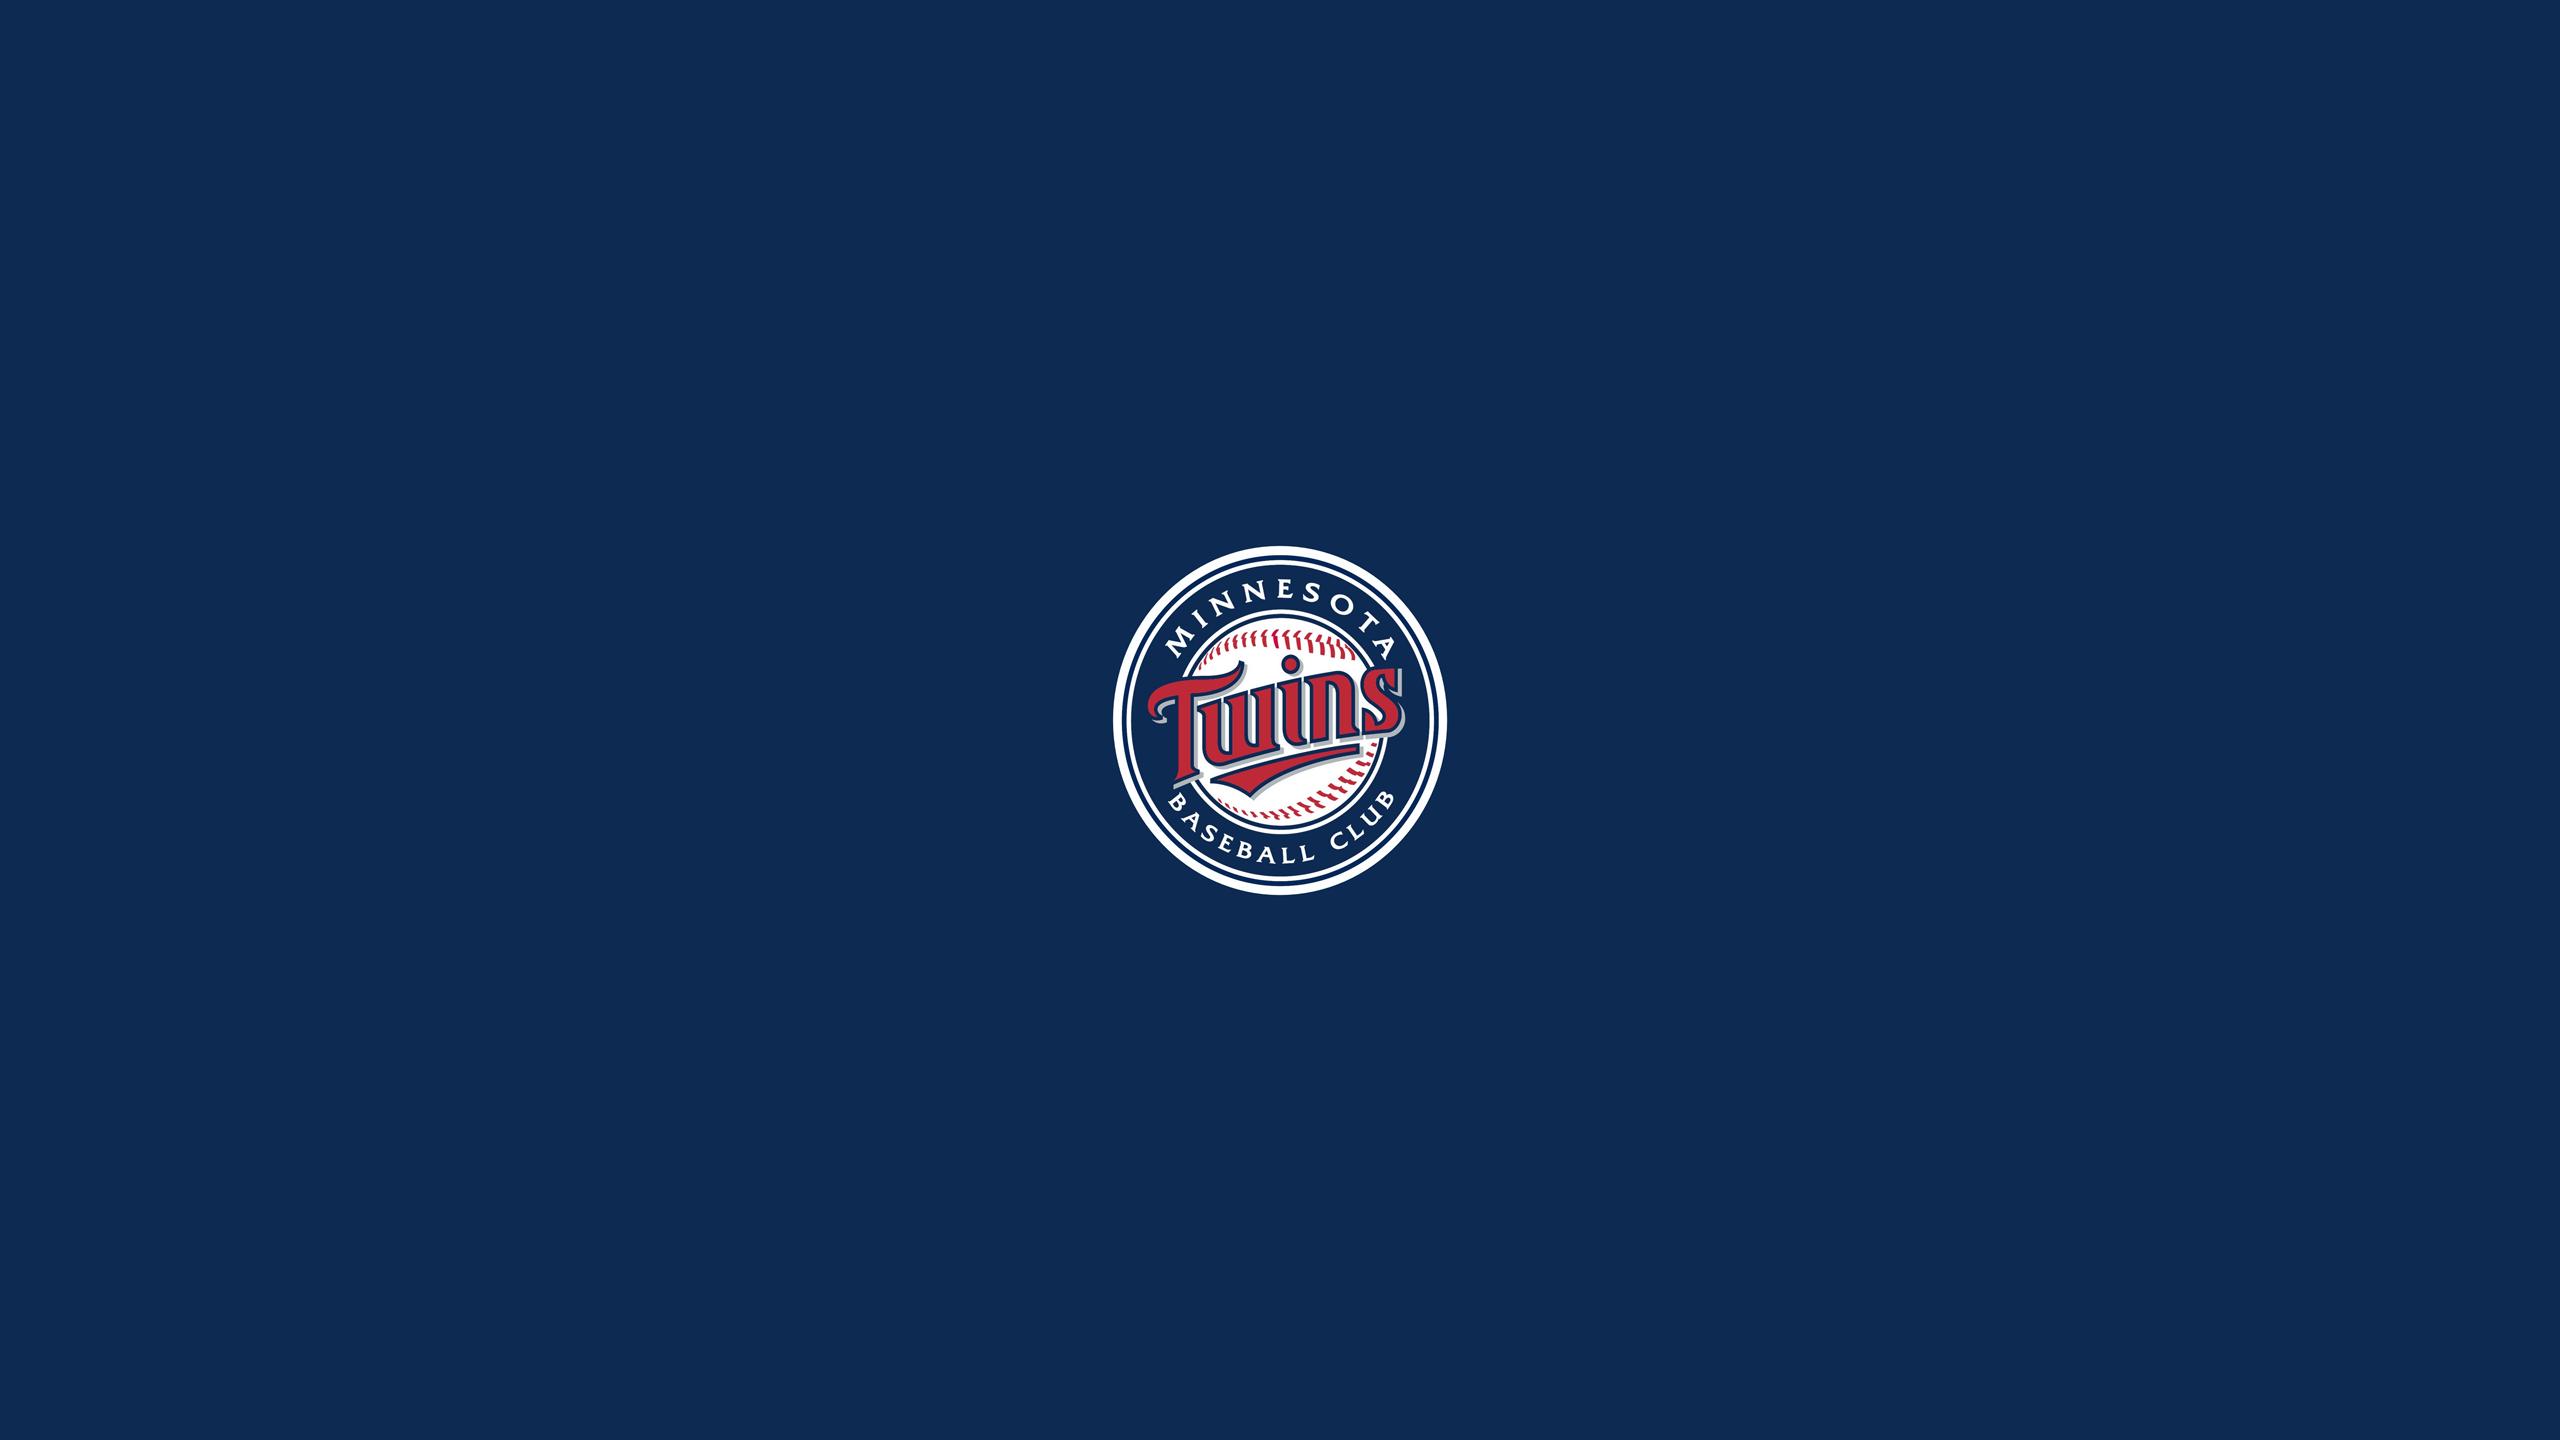 Minnesota Twins Wallpaper 2560x1440